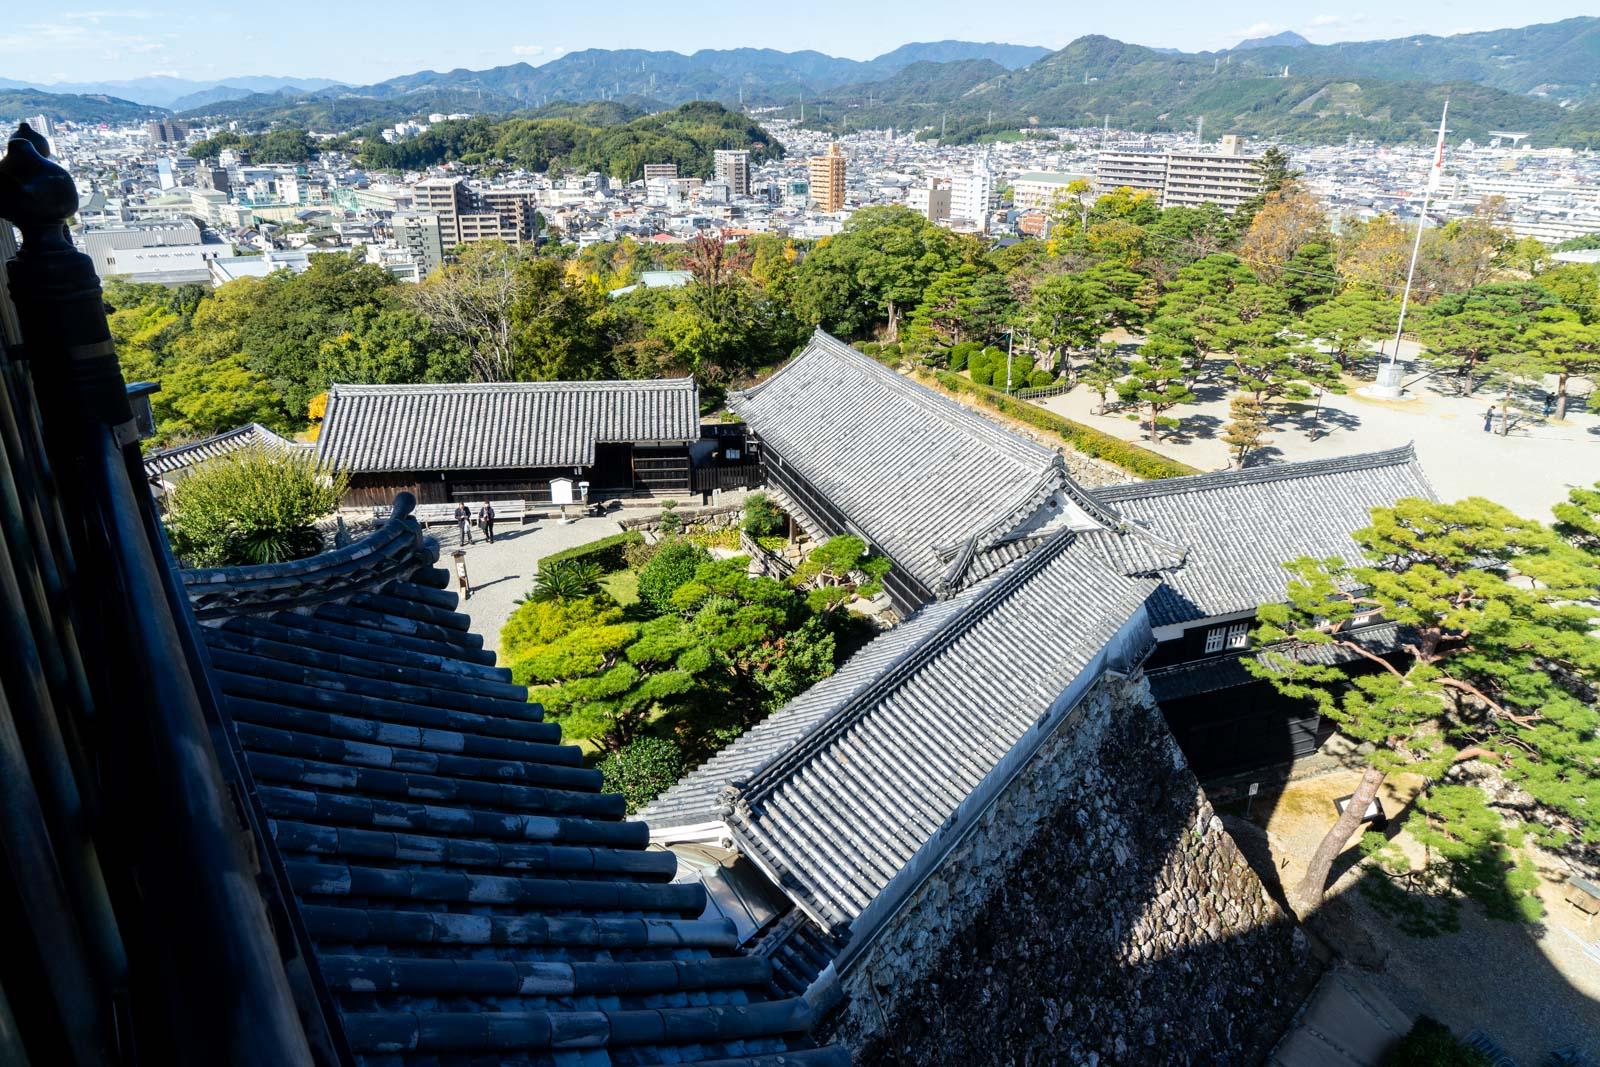 Kochi Castle, Kochi City, Japan